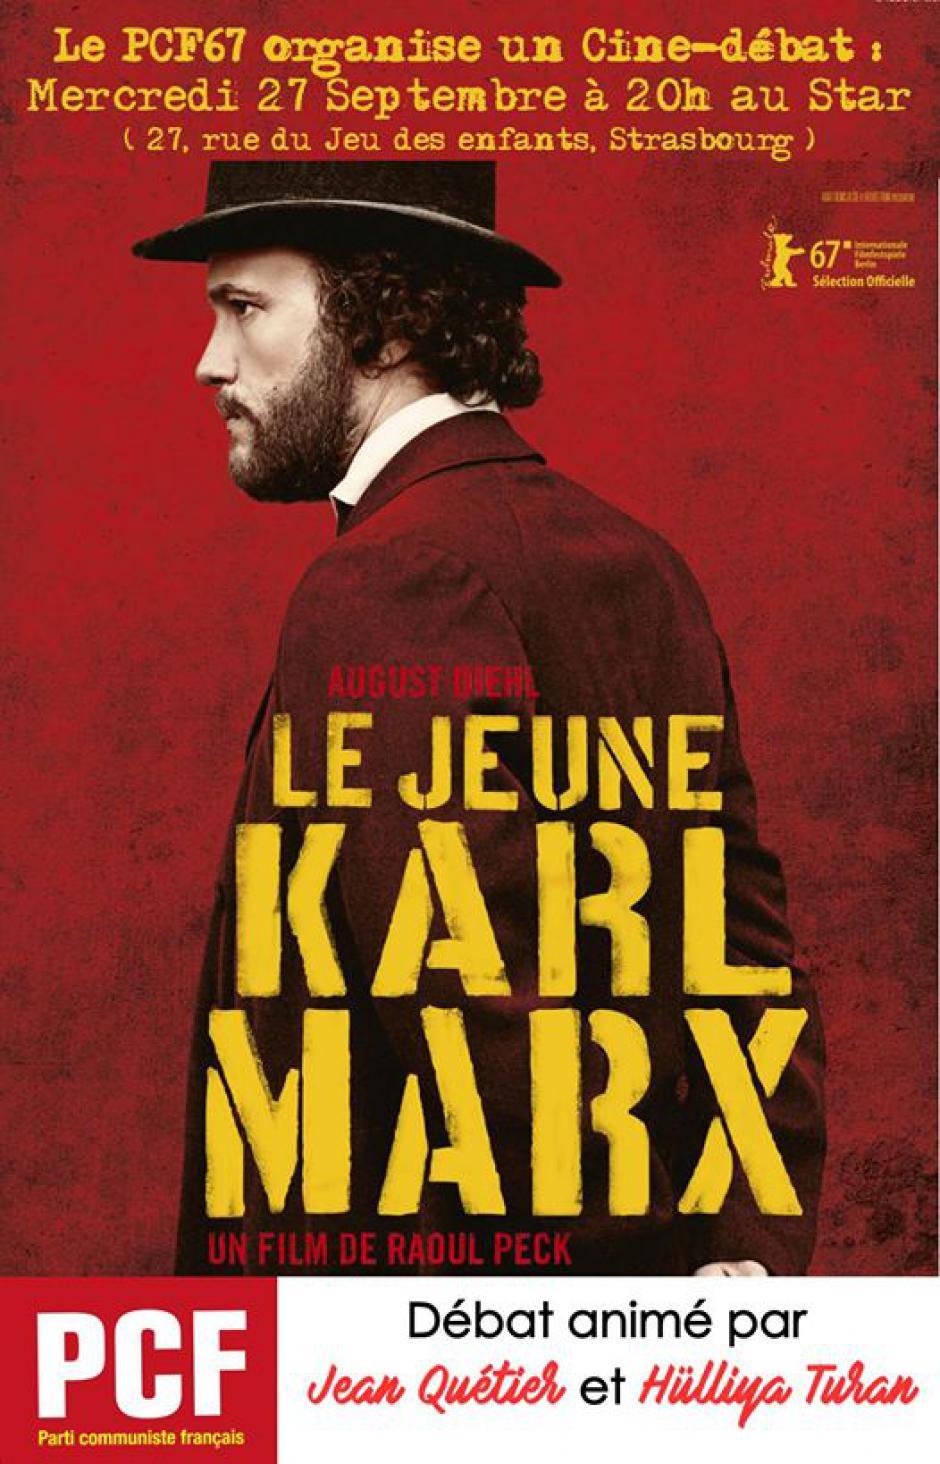 LE JEUNE KARL MARX : LE PCF ET LE CINEMA STAR VOUS INVITE